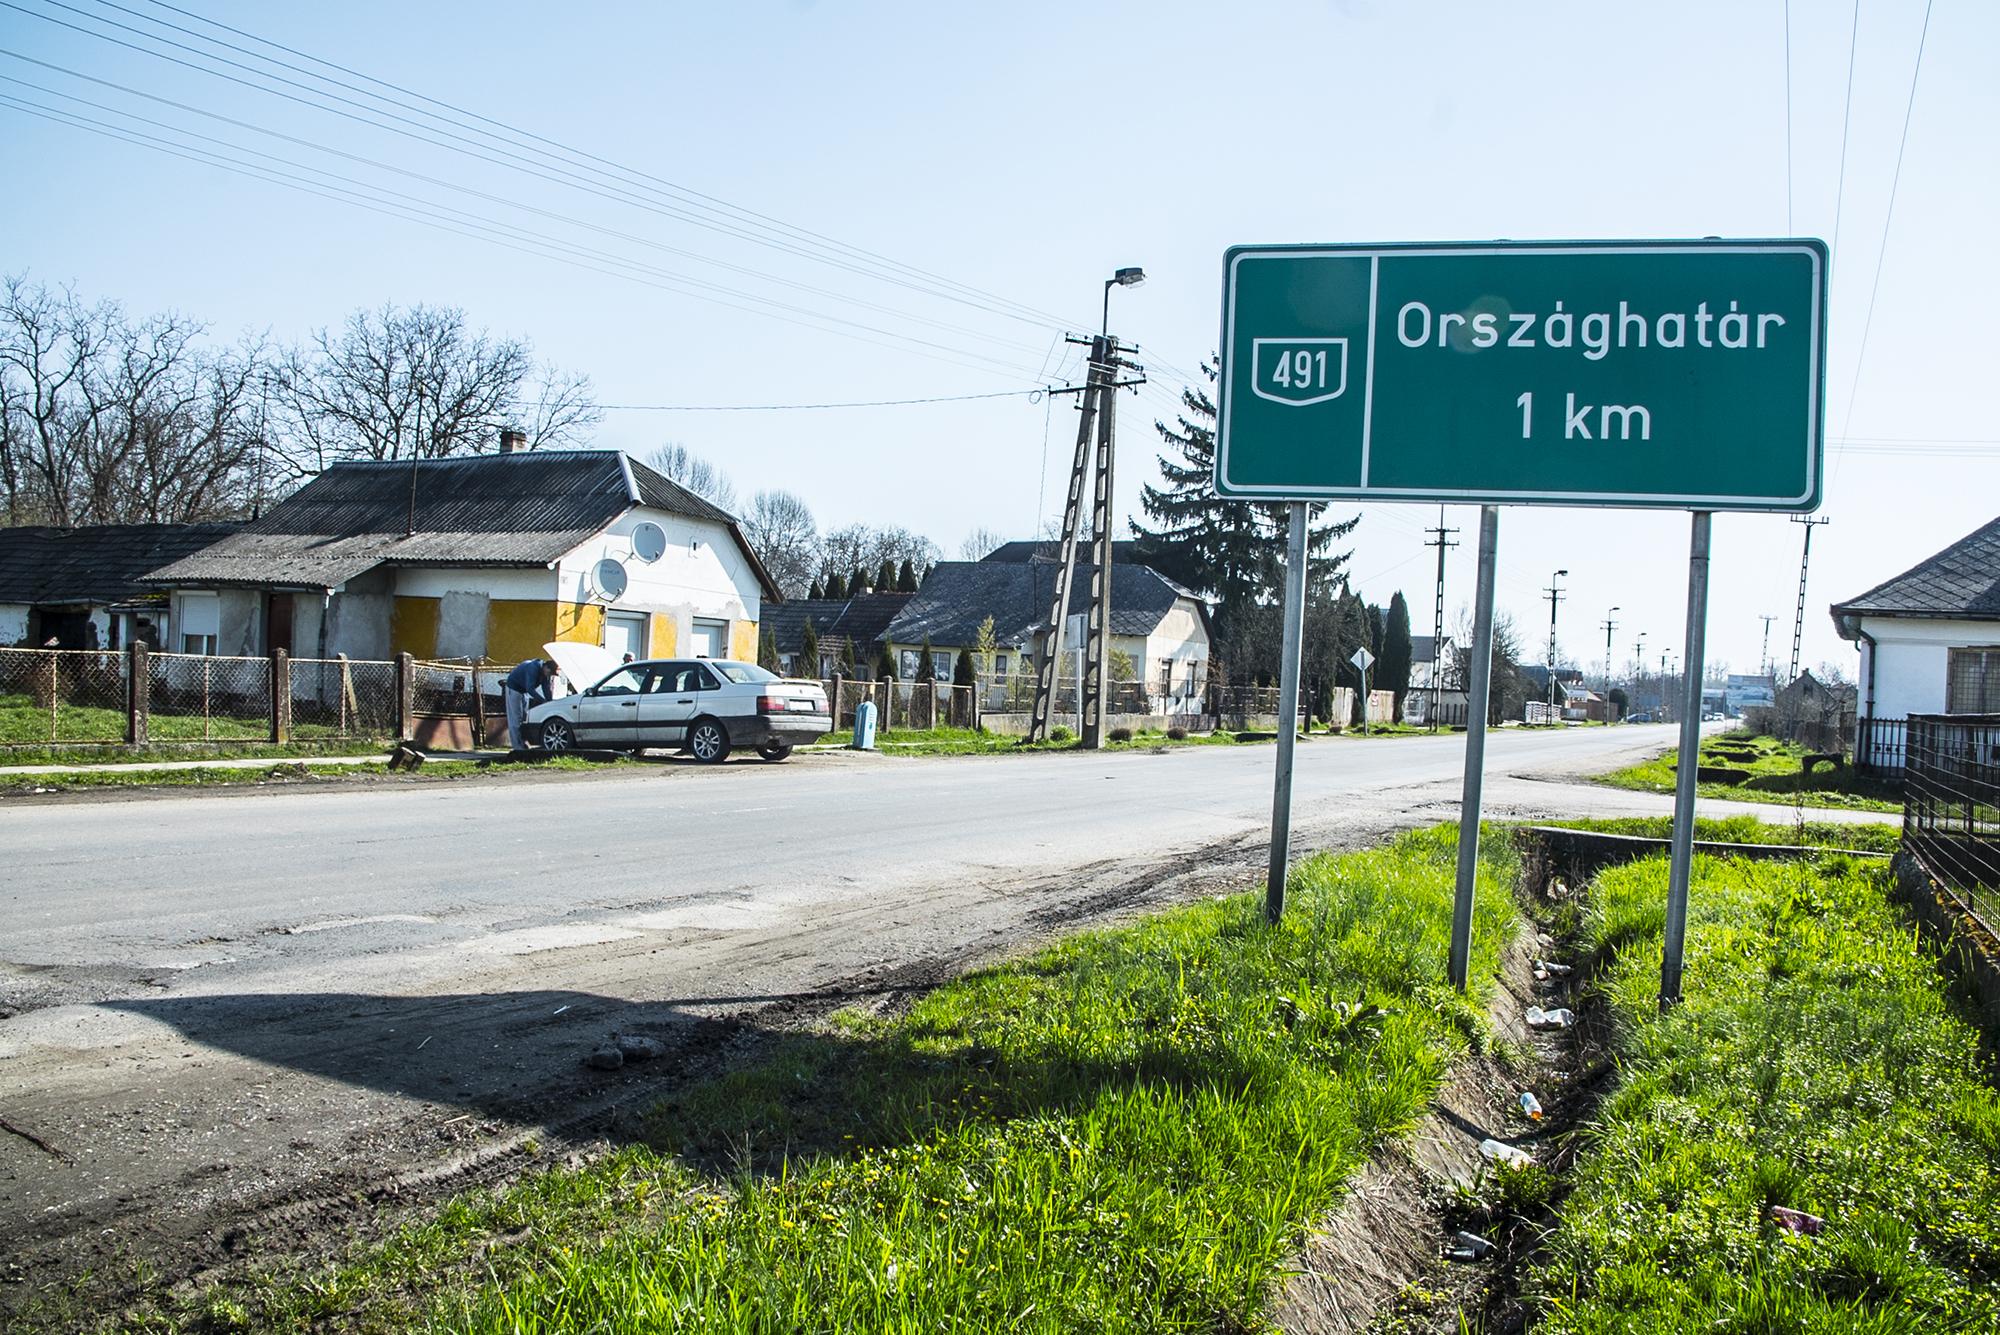 A Célpont szerint kisbuszokkal hordták Ukrajnából a Fidesz-szavazókat